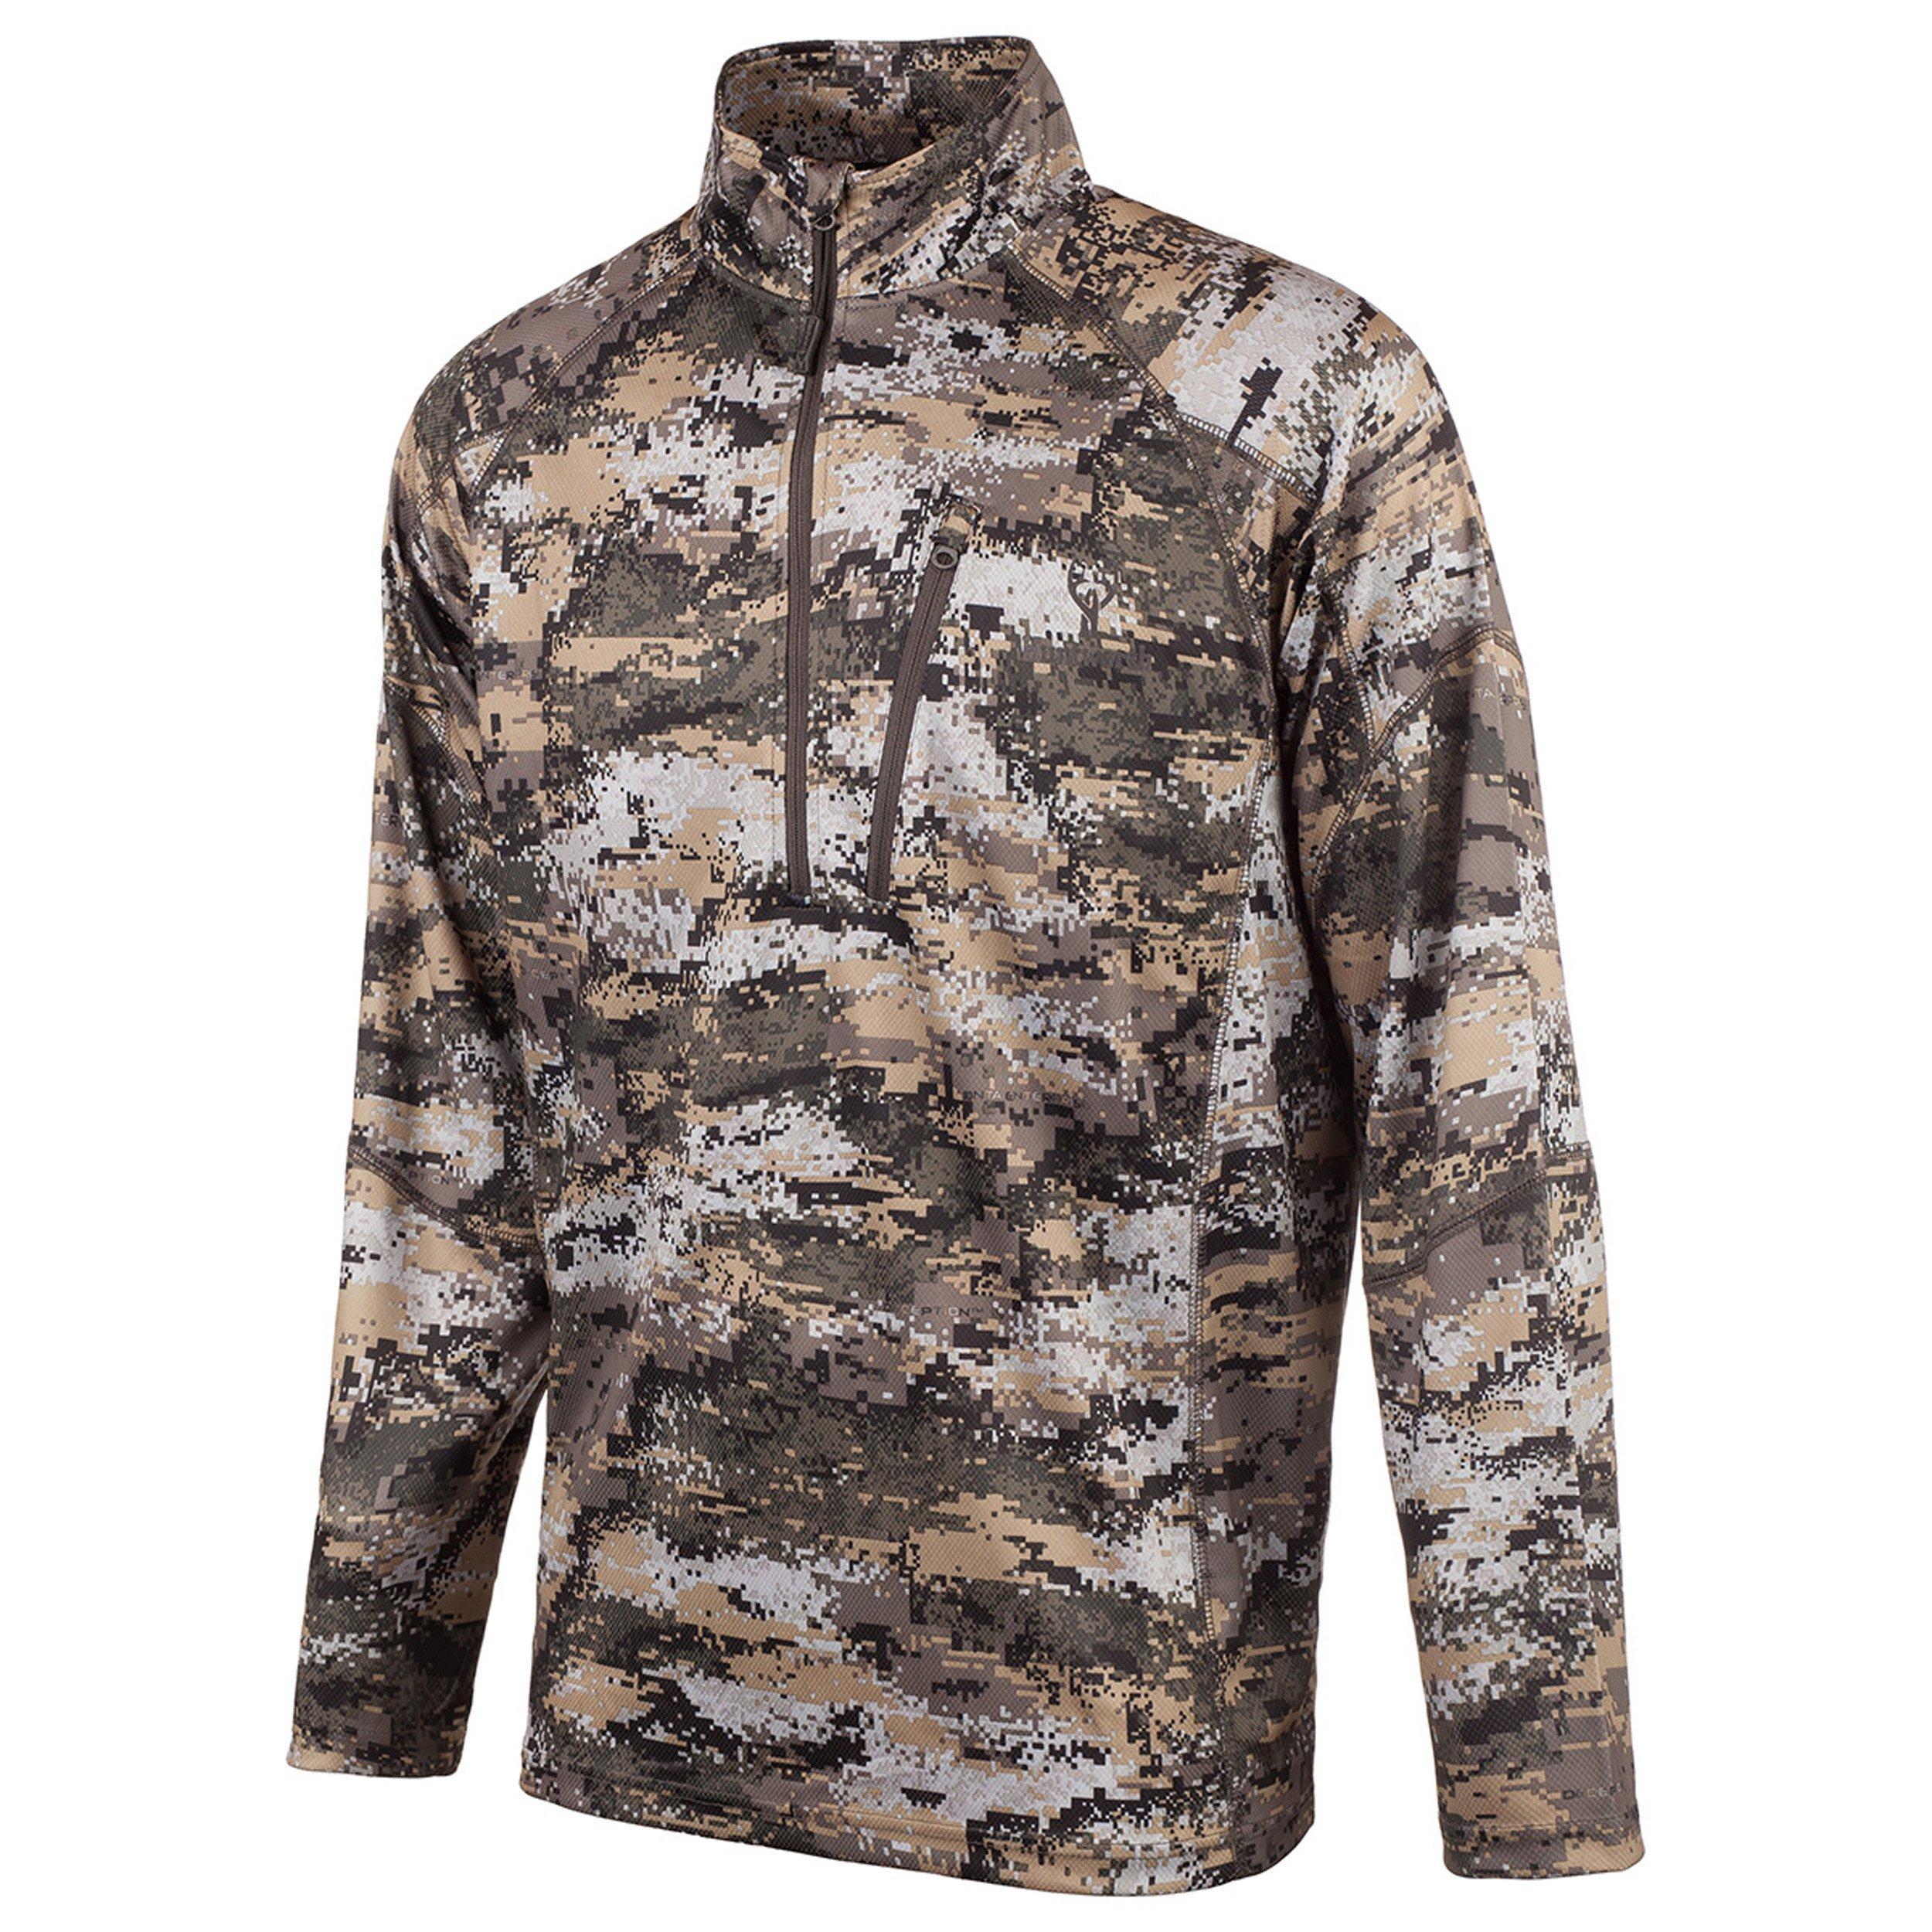 Huntworth Men's Light Weight 1/4 Zip Shirt